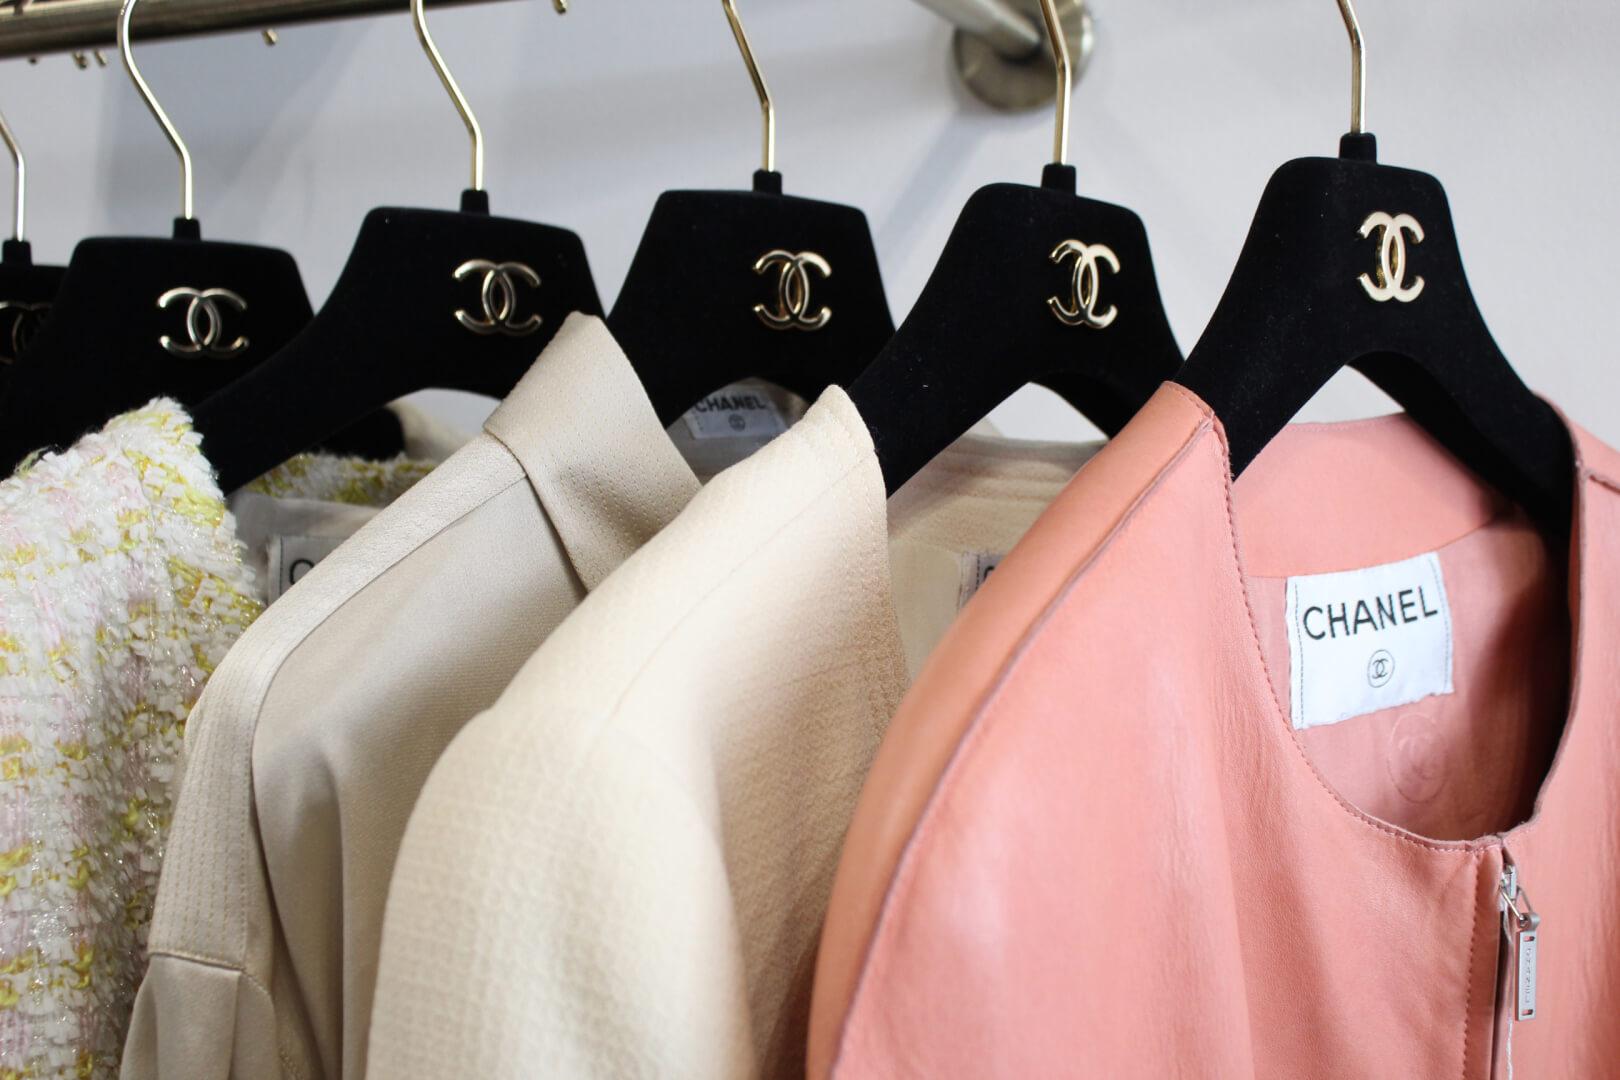 Vestes Chanel chez Brocante de Luxe